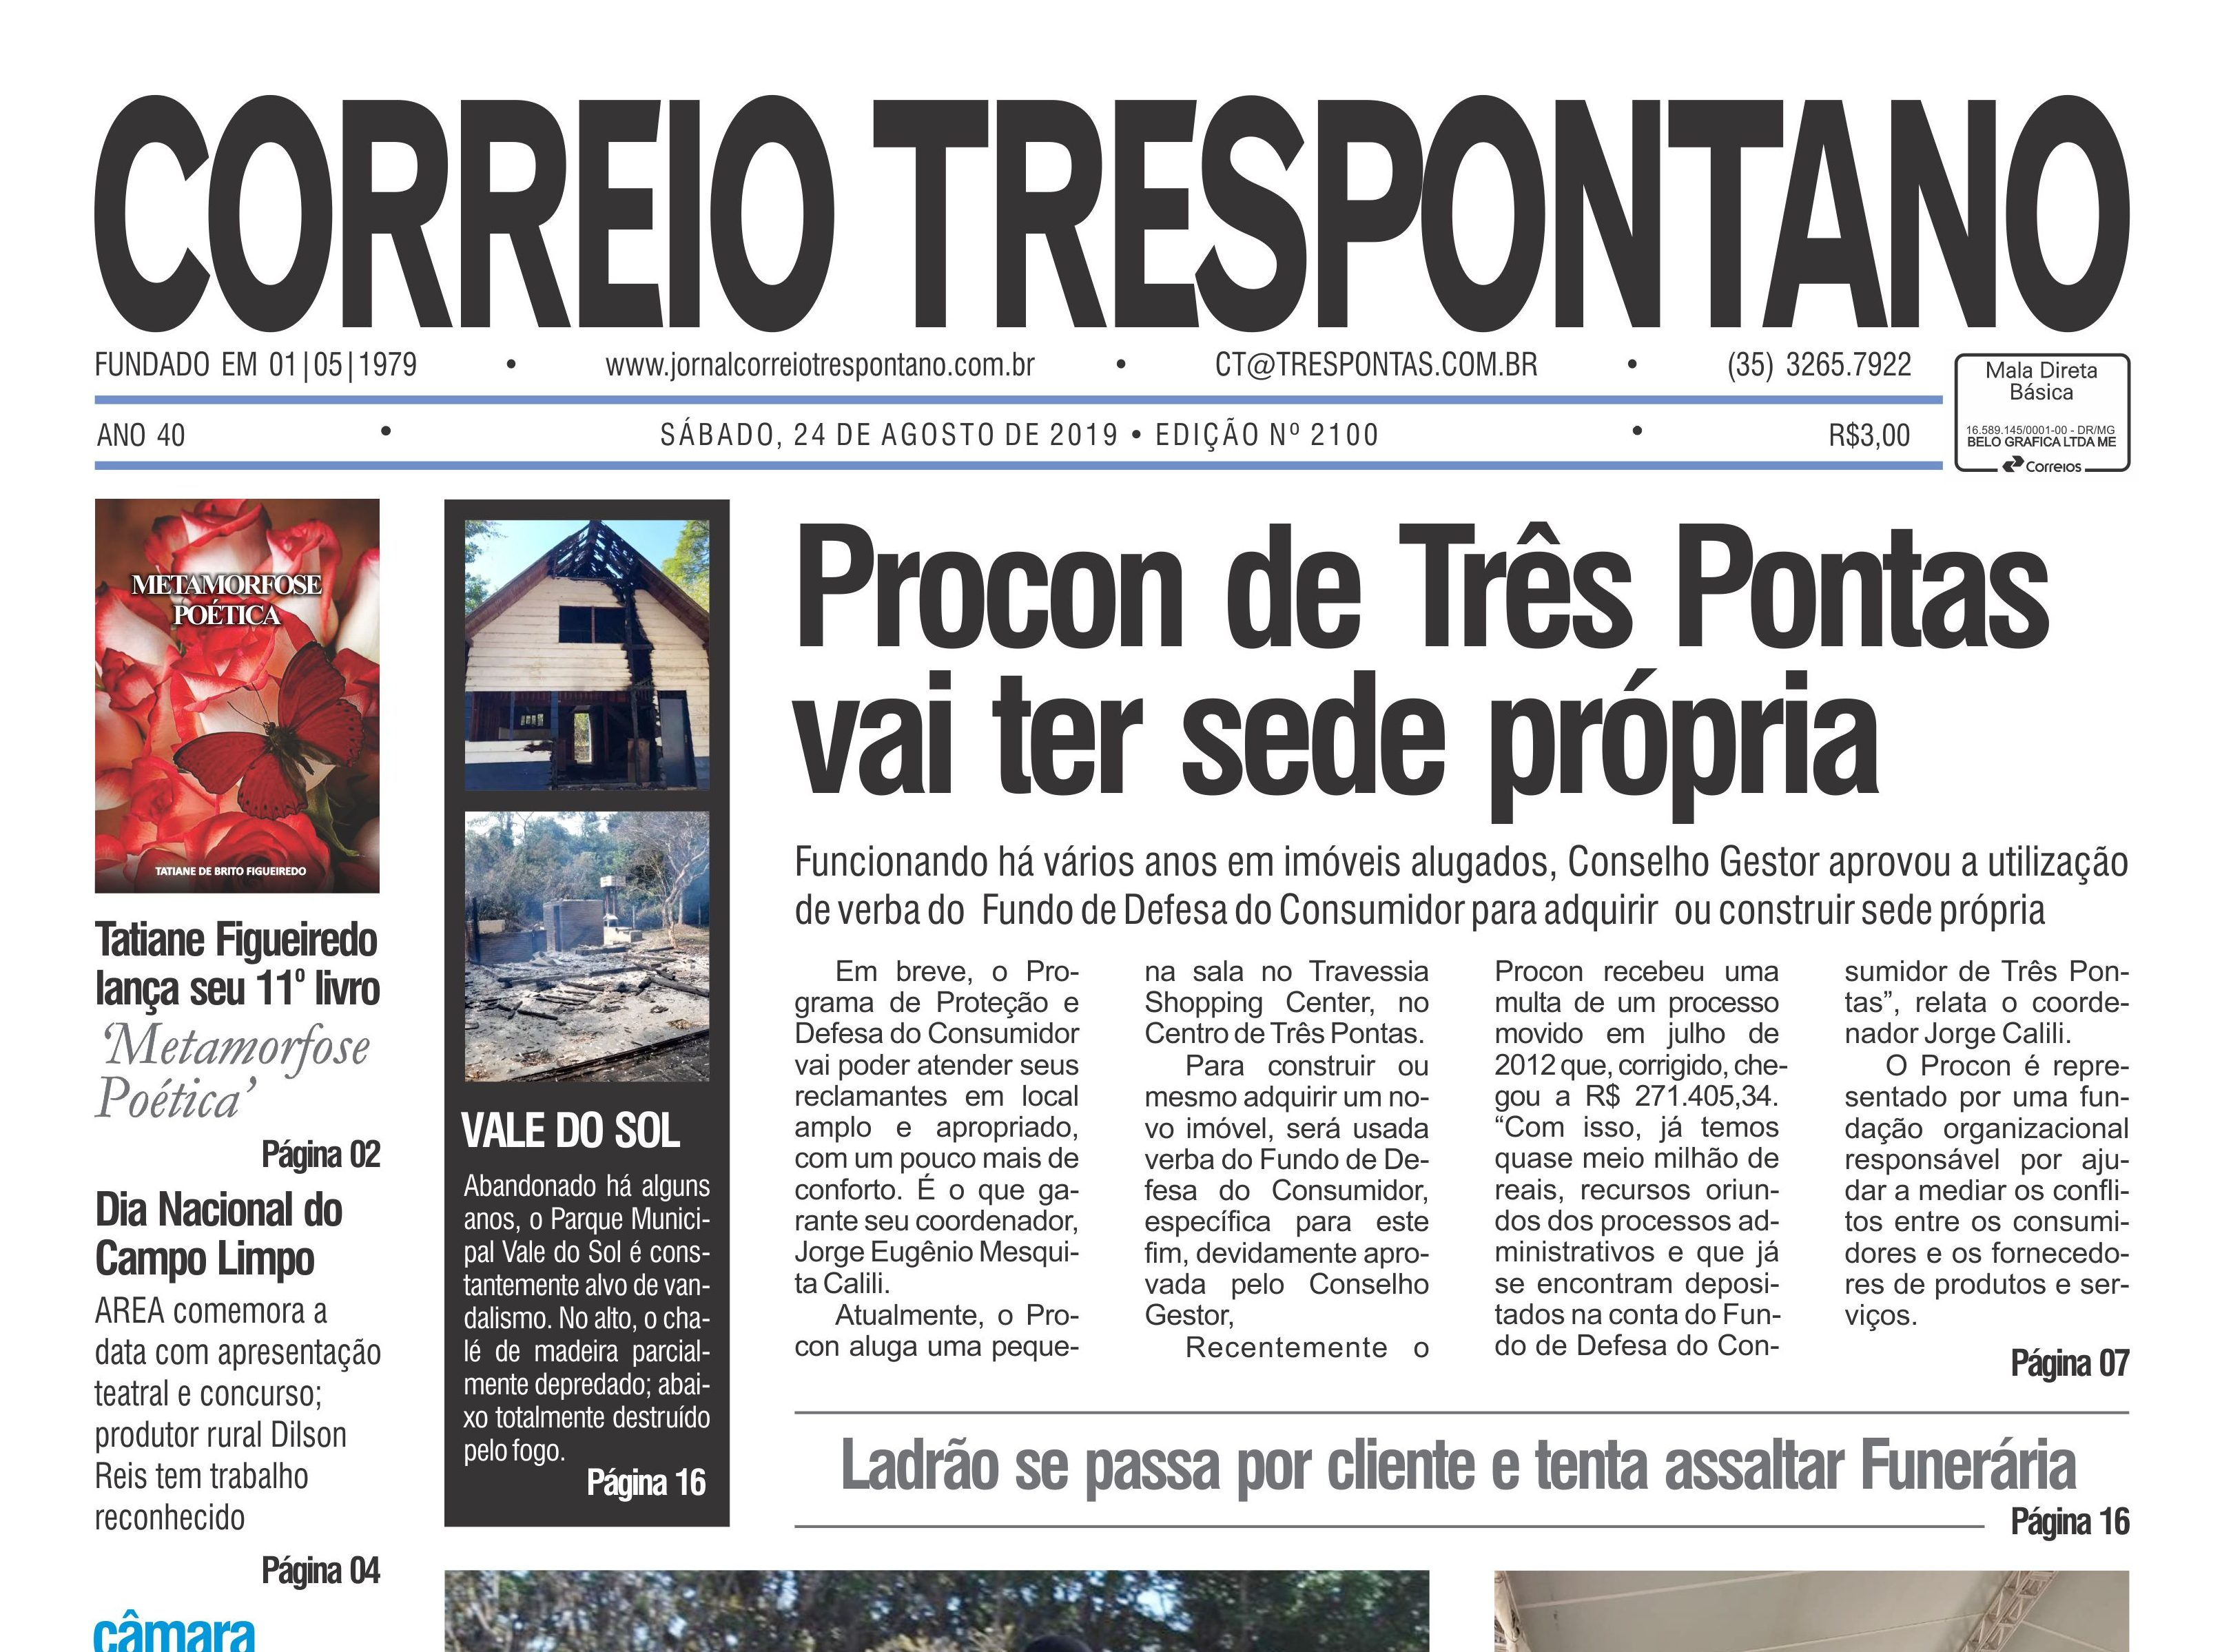 COR 1 PRIMEIRA